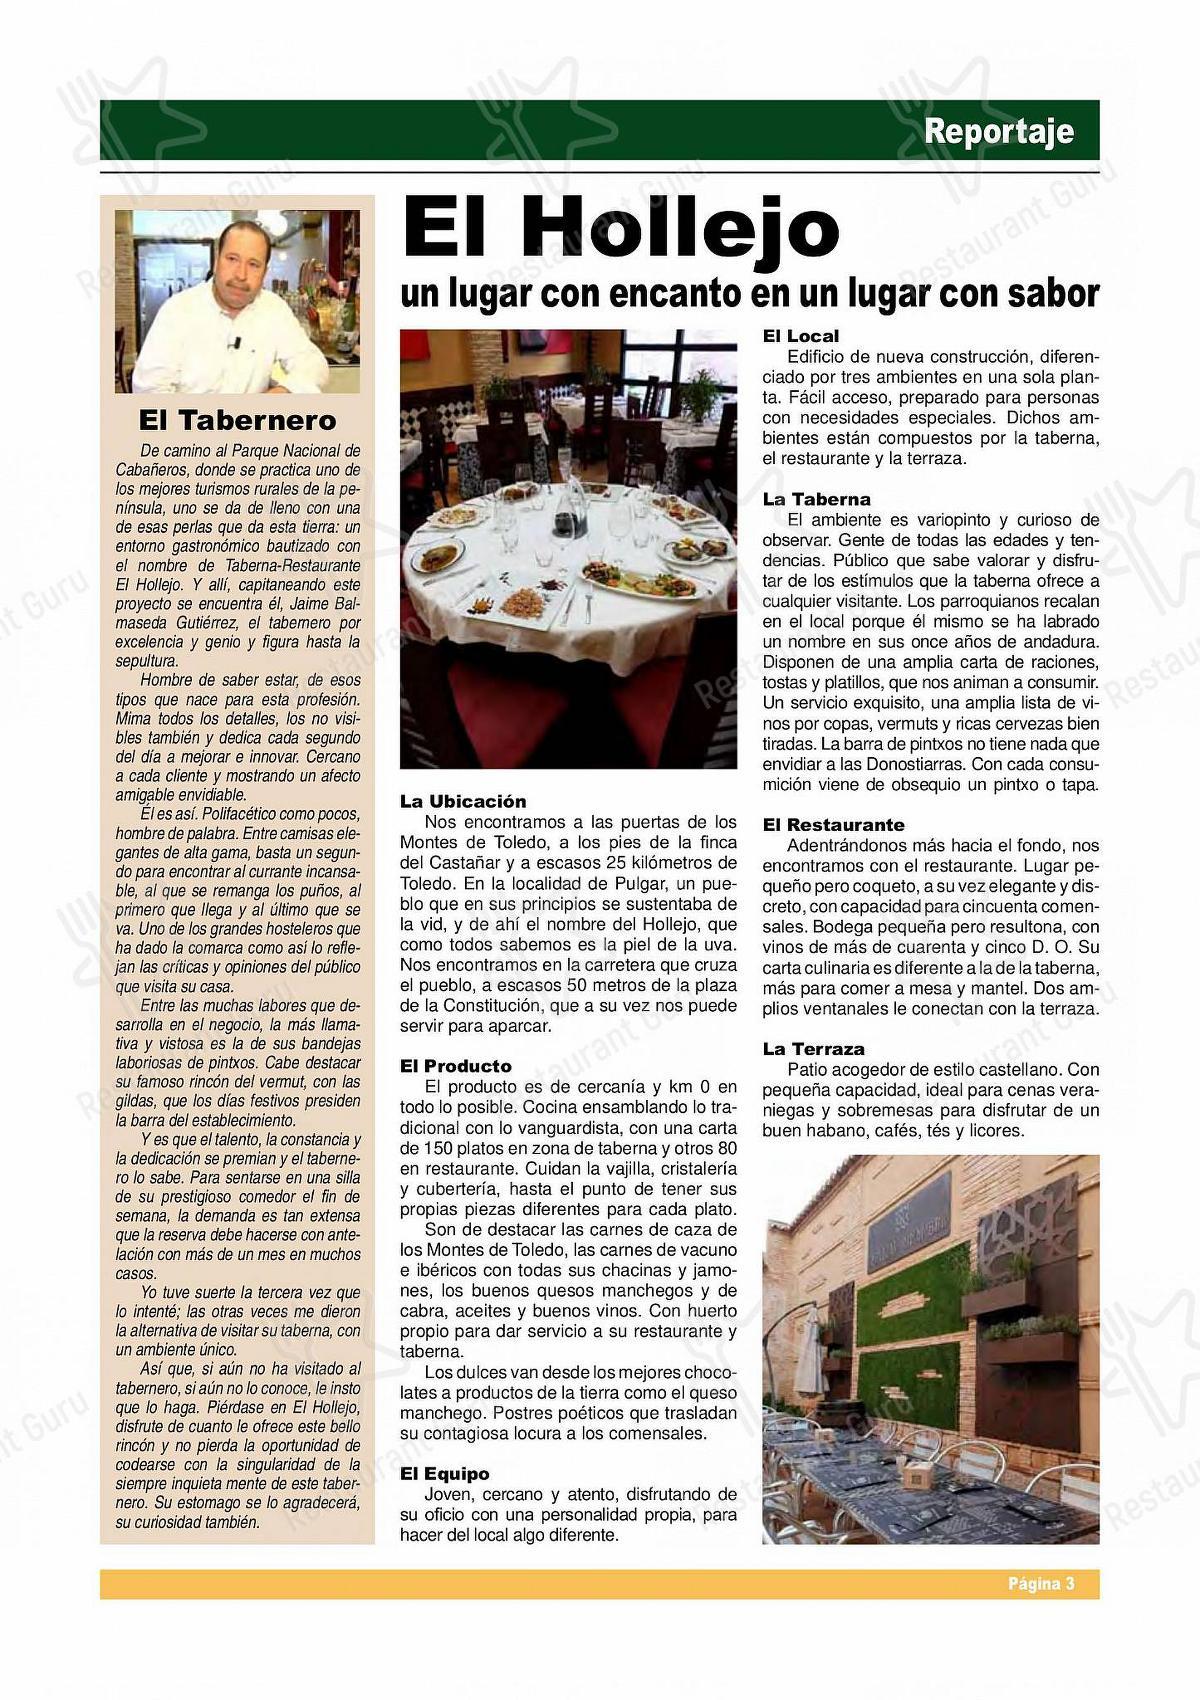 Carta de El Hollejo - platos y bebidas